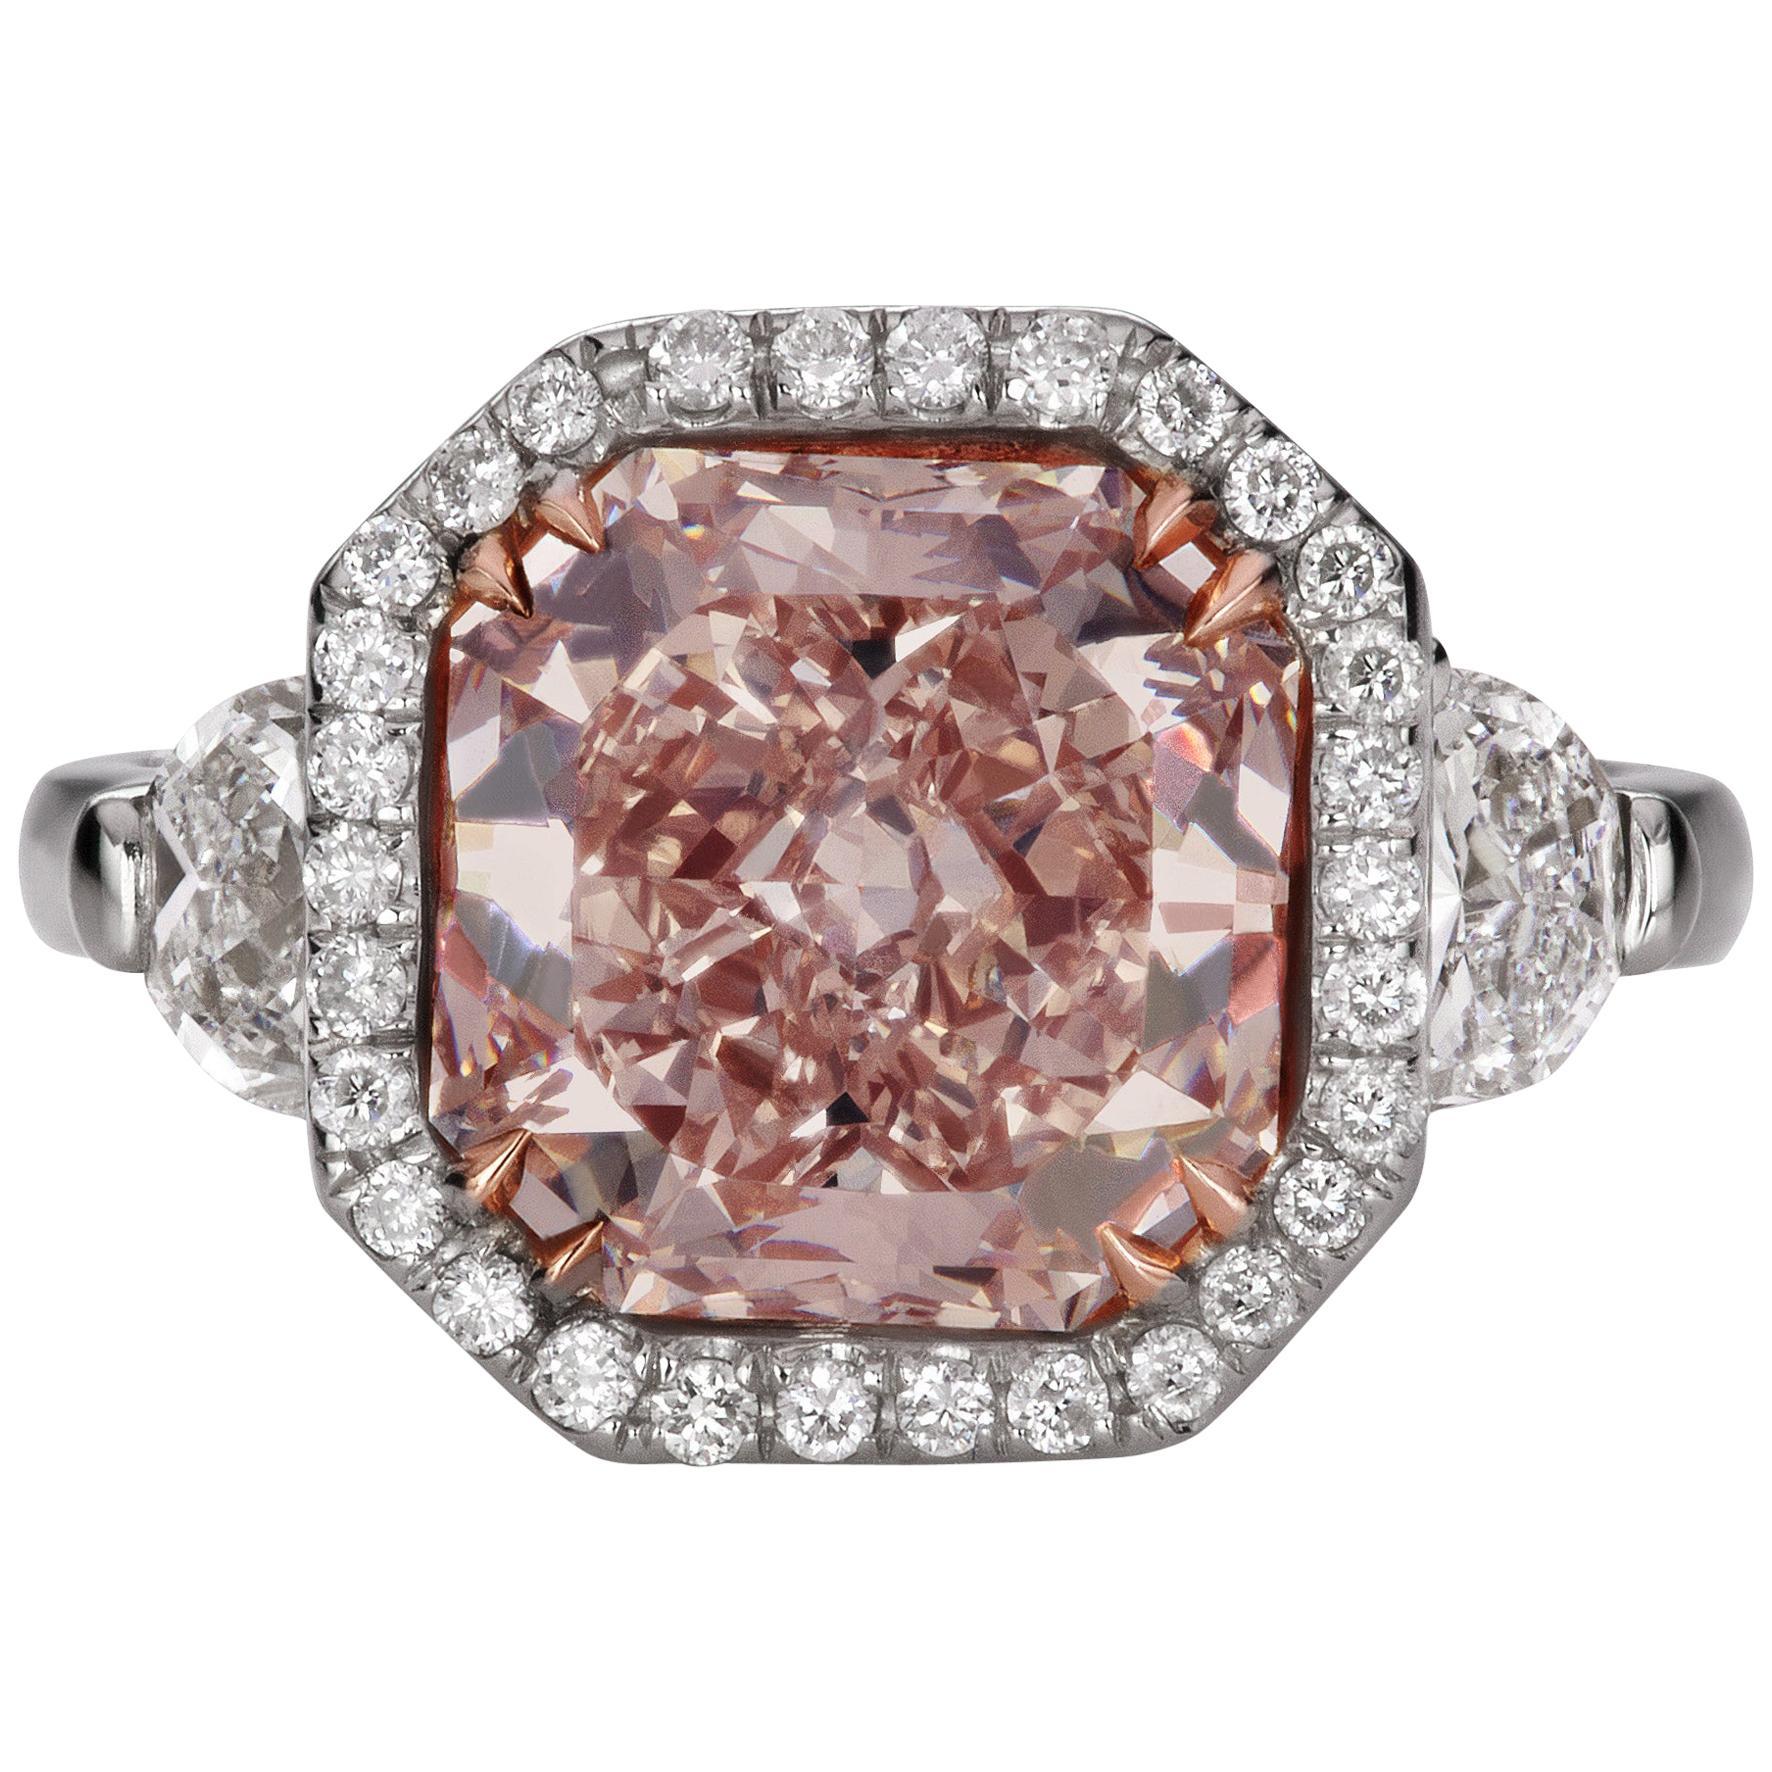 Scarselli Platinum Ring 4 Carat Fancy Pink Diamond GIA Certified